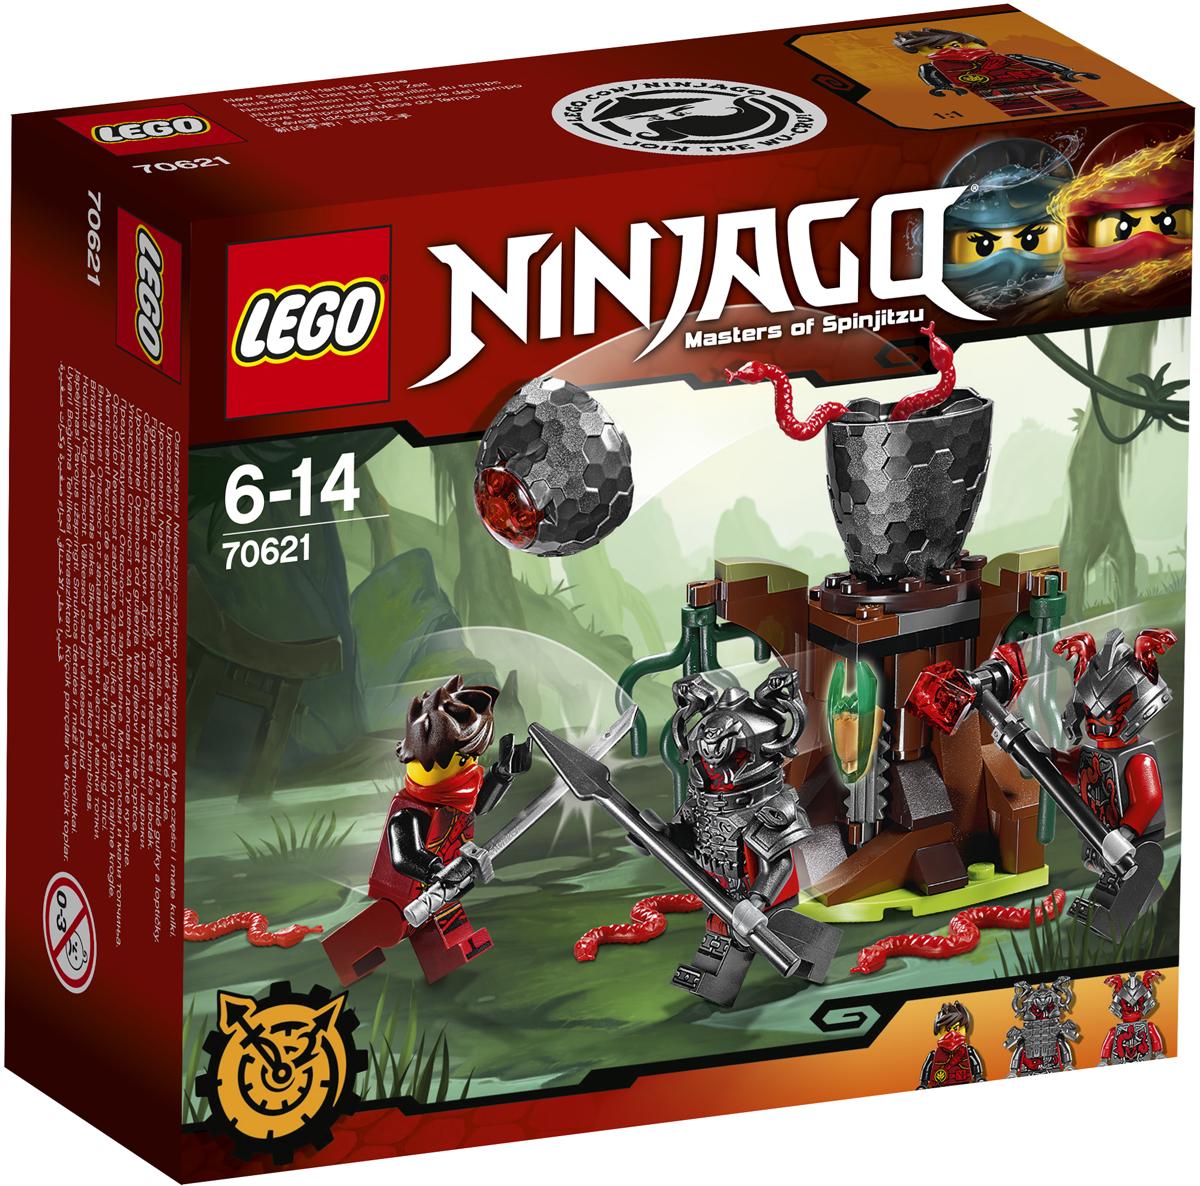 LEGO NINJAGO Конструктор Атака Алой армии 7062170621Объедини силы с Кайем и отправляйся на болота. При помощи своих невероятных умений ниндзя одержи победу над Риветтом и Слэкджо, вооружёнными топором и мечом. Осторожно подкрадись к Алому яйцу: оно может взорваться в любую минуту и выпустить на волю ядовитых змей. Хватай Клинок, ускоряющий время, и беги как можно быстрее.